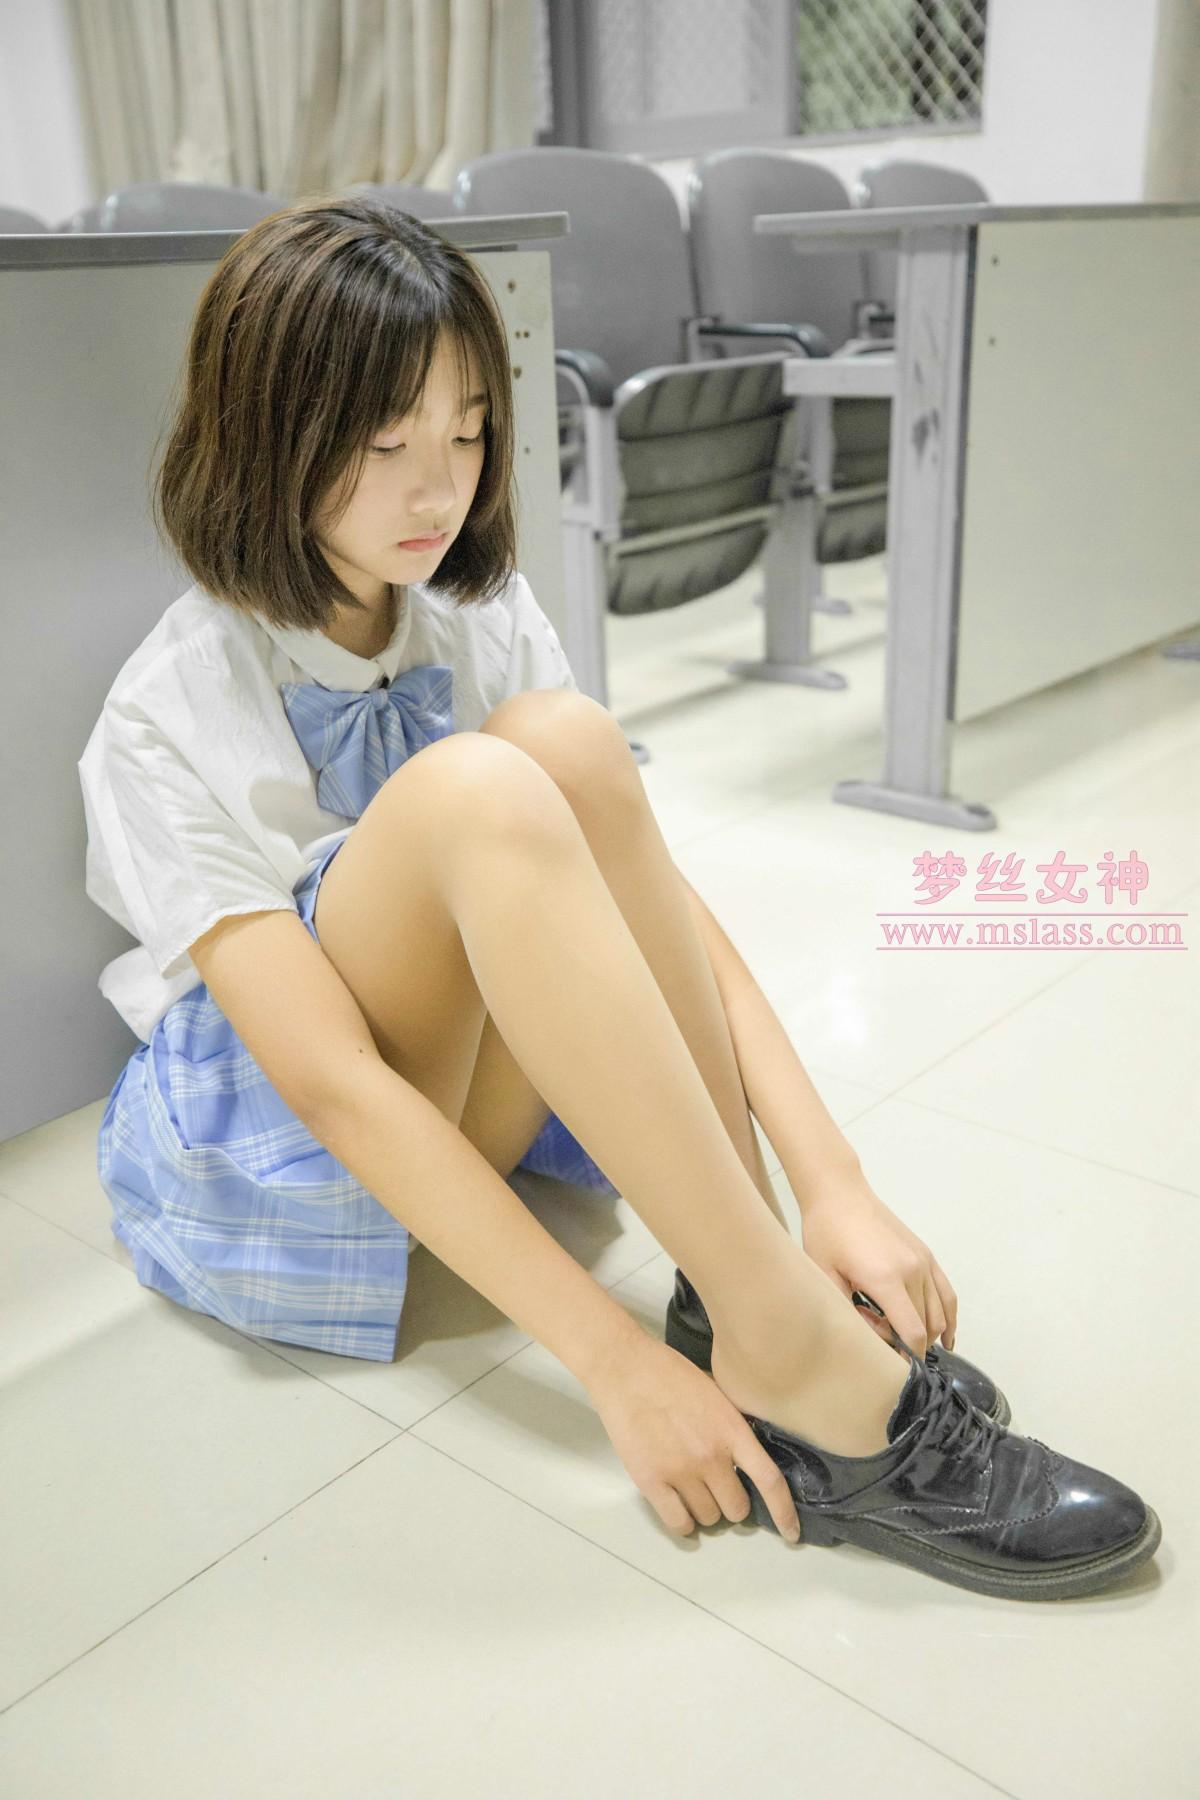 梦丝女神 洛洛 梦幻学记 [60P] 梦丝女神 第1张